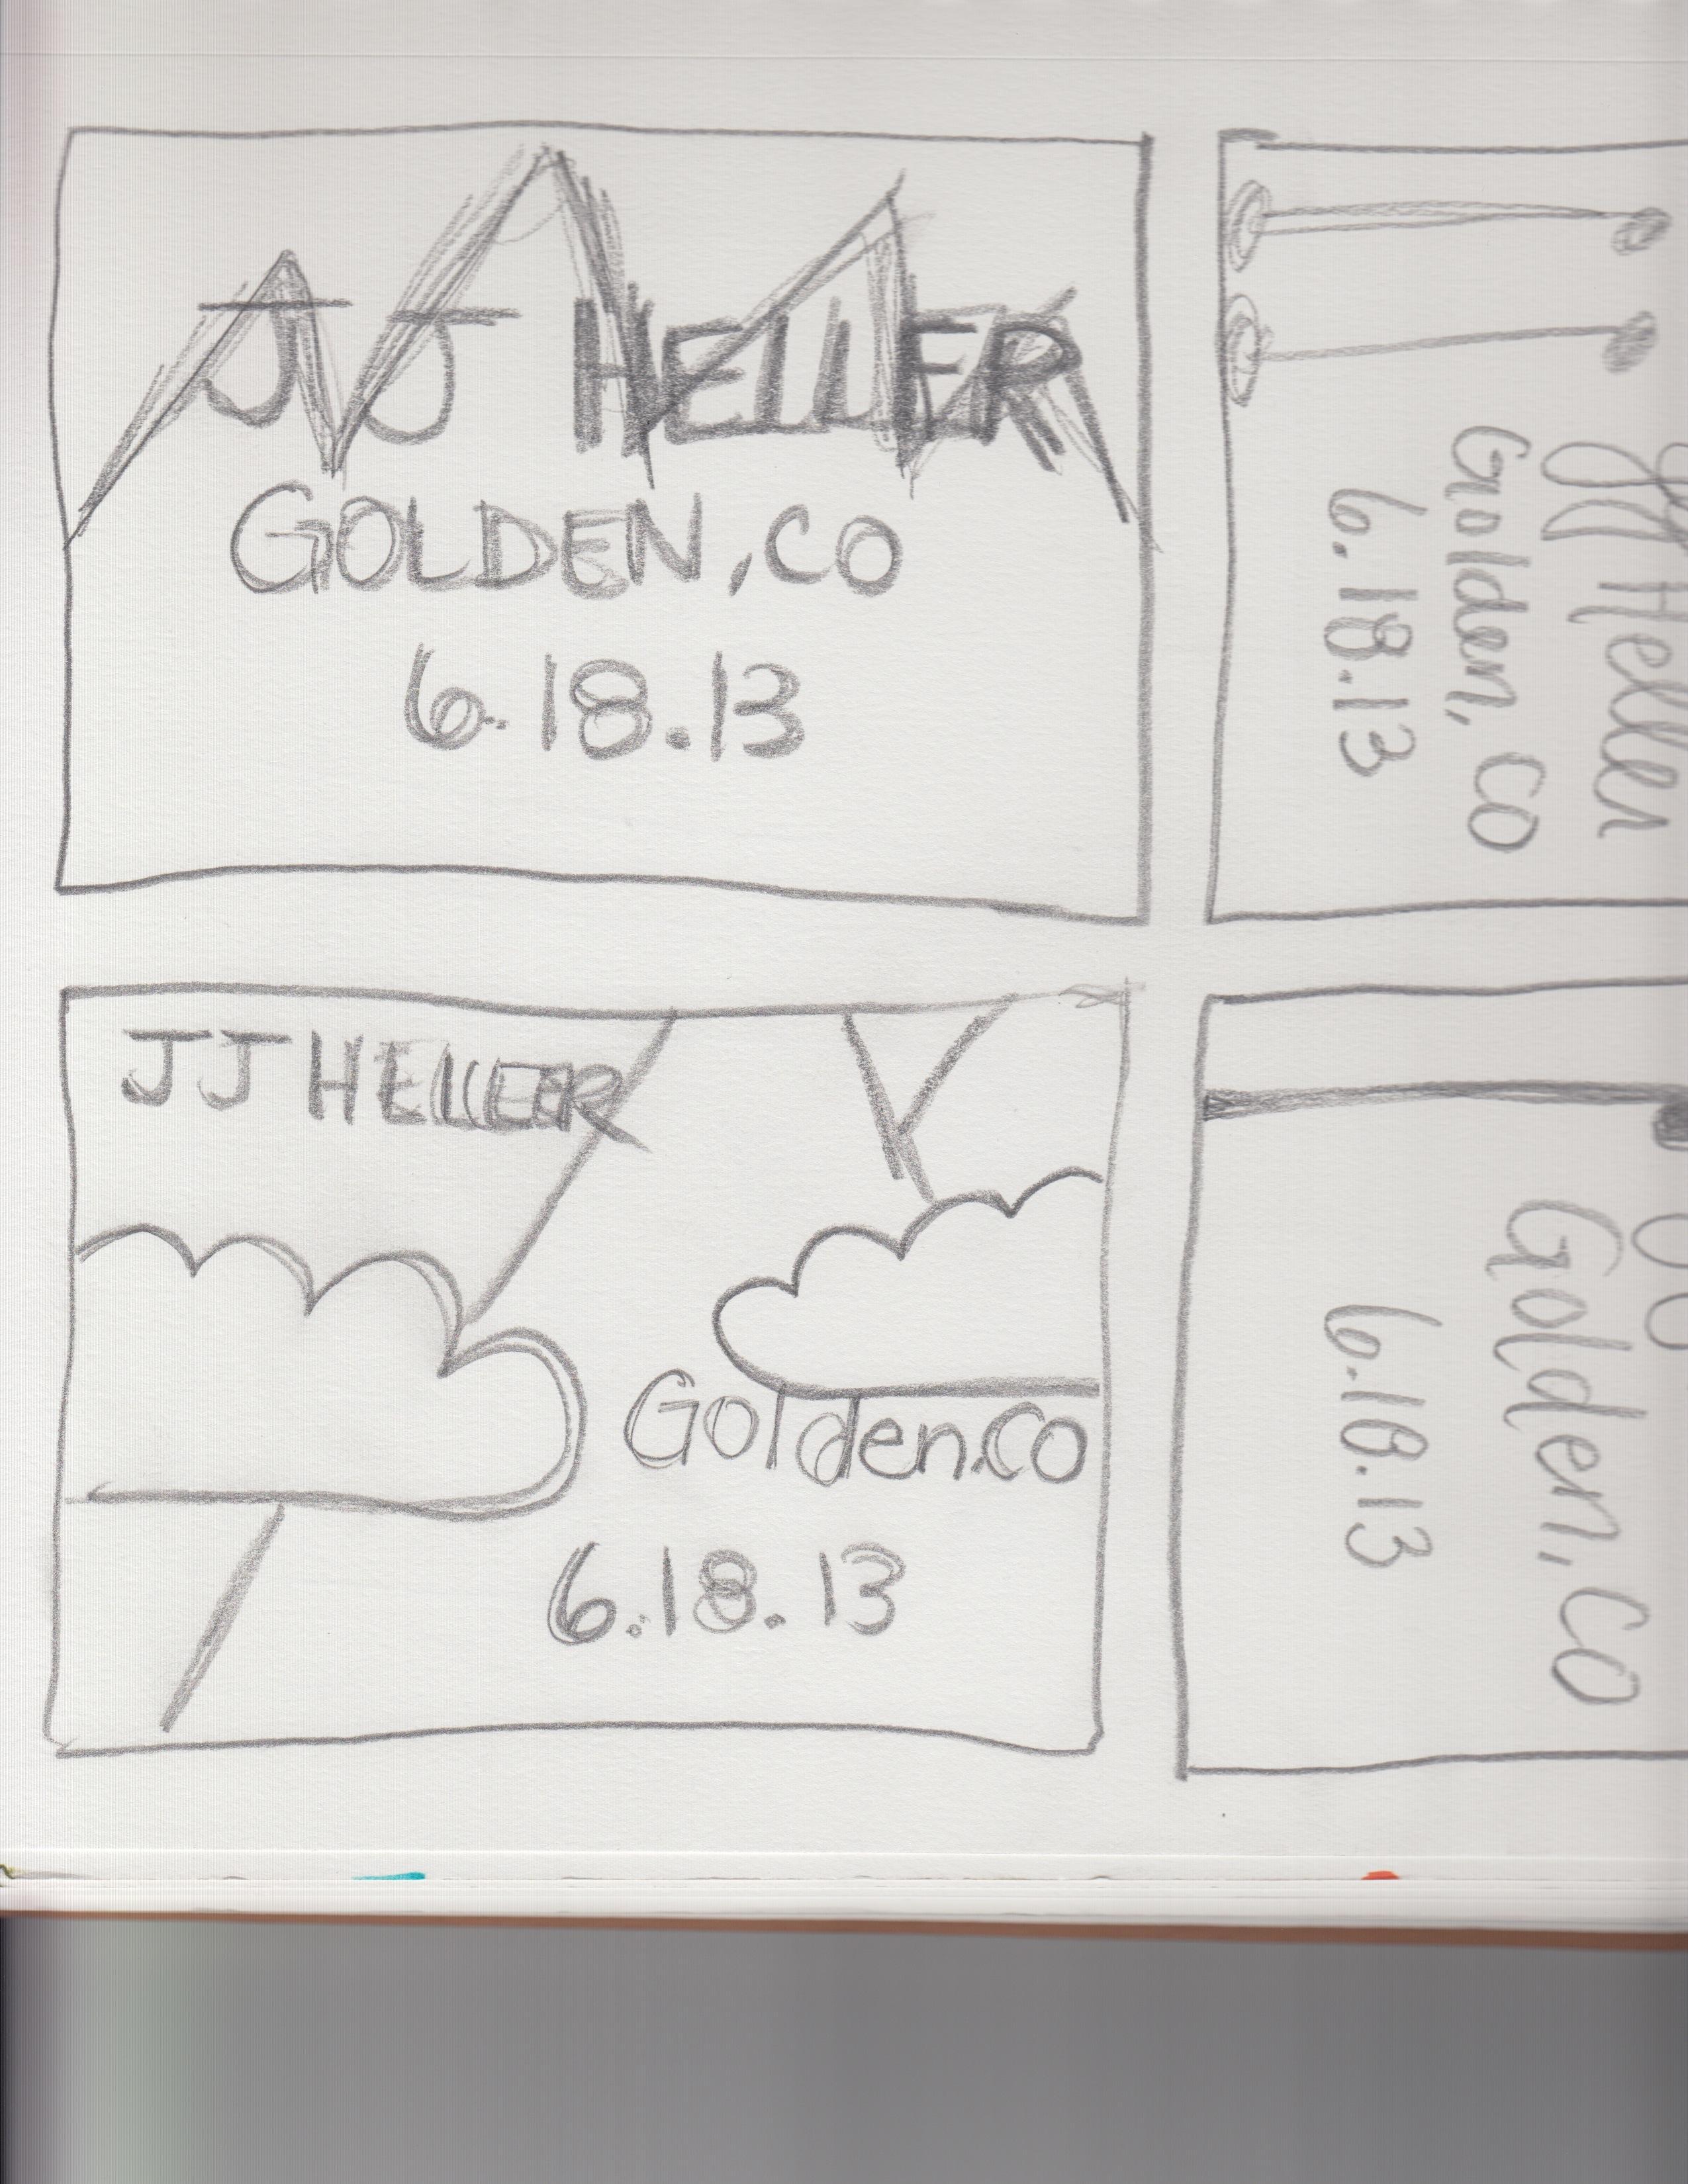 JJ Heller- Golden, CO  - image 4 - student project